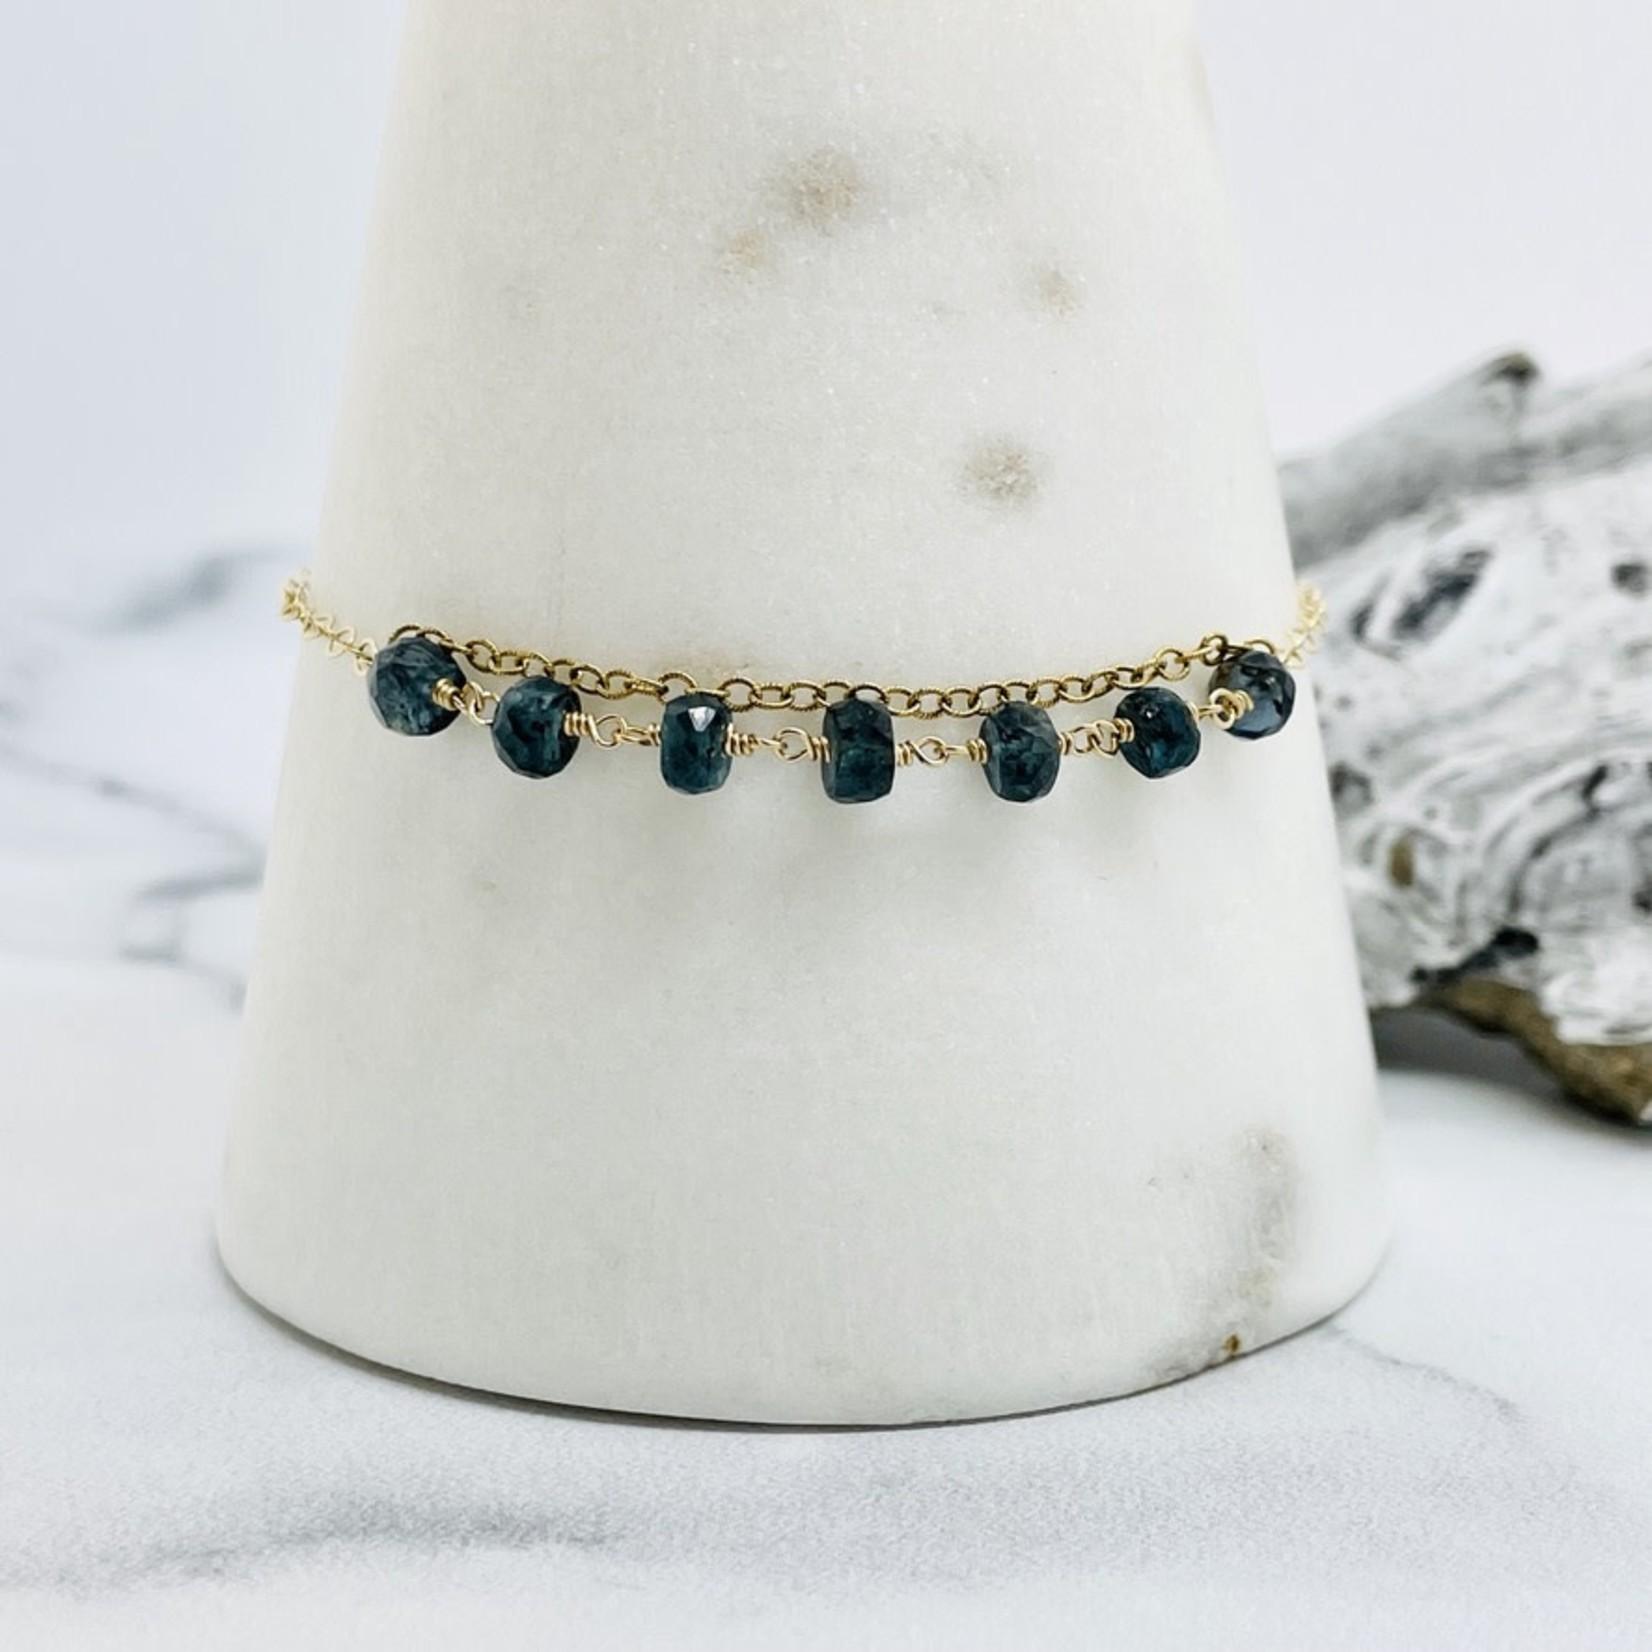 EVANKNOX Handmade Bracelet with 14 k g.f. 1/2 connected moss kyanite rondelles